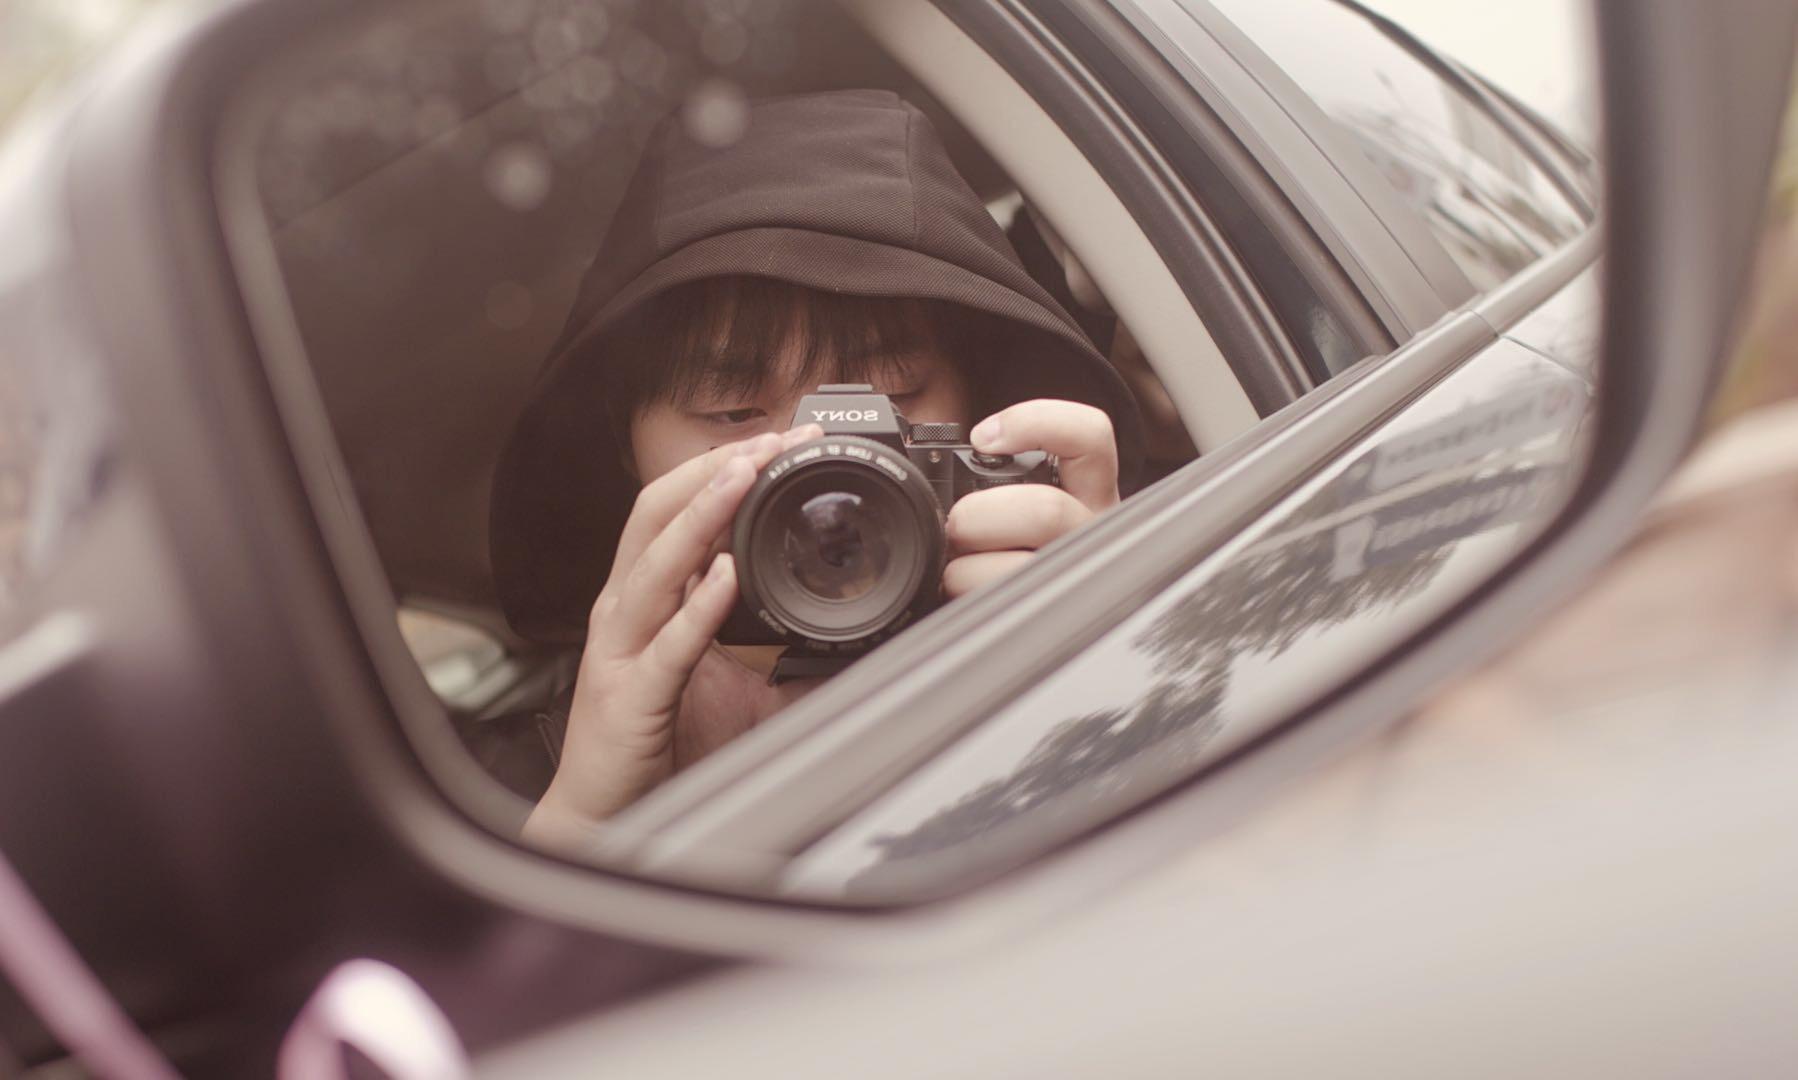 摄像师-莱影工作室小马